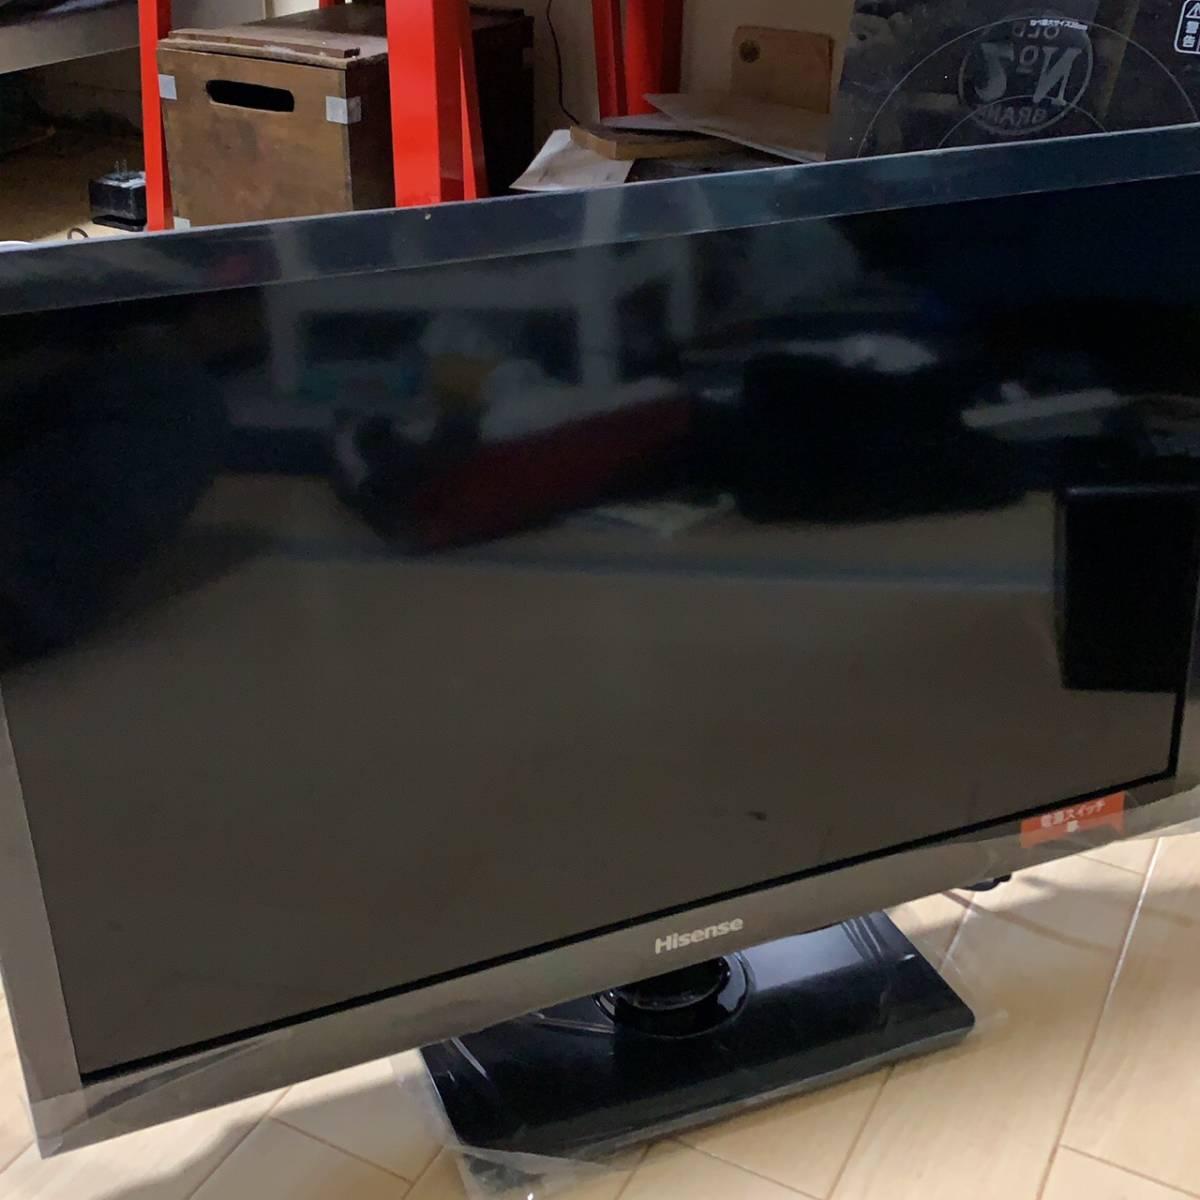 【極美品】ハイセンス 24V型 液晶 テレビ HJ24K3120 ハイビジョン 外付けHDD裏番組録画対応 2017年モデル